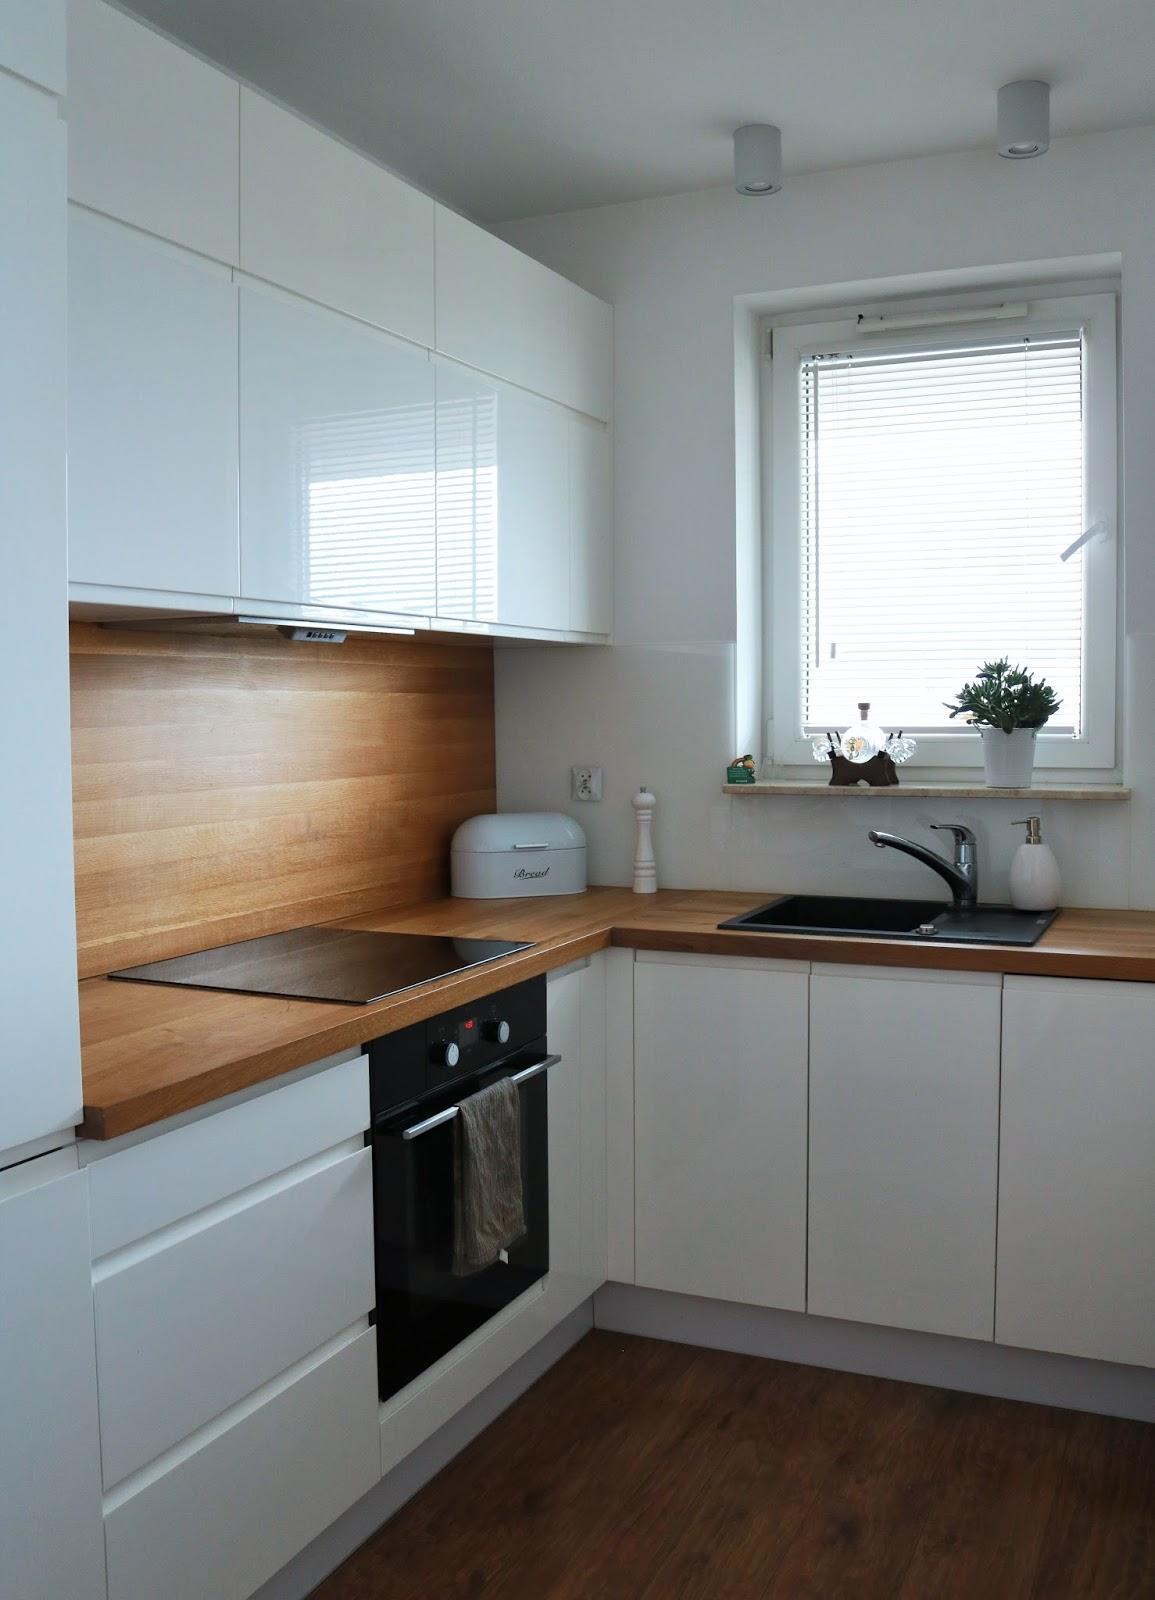 drewniany blat w kuchni jak go pielĘgnowa� i konserwowa�